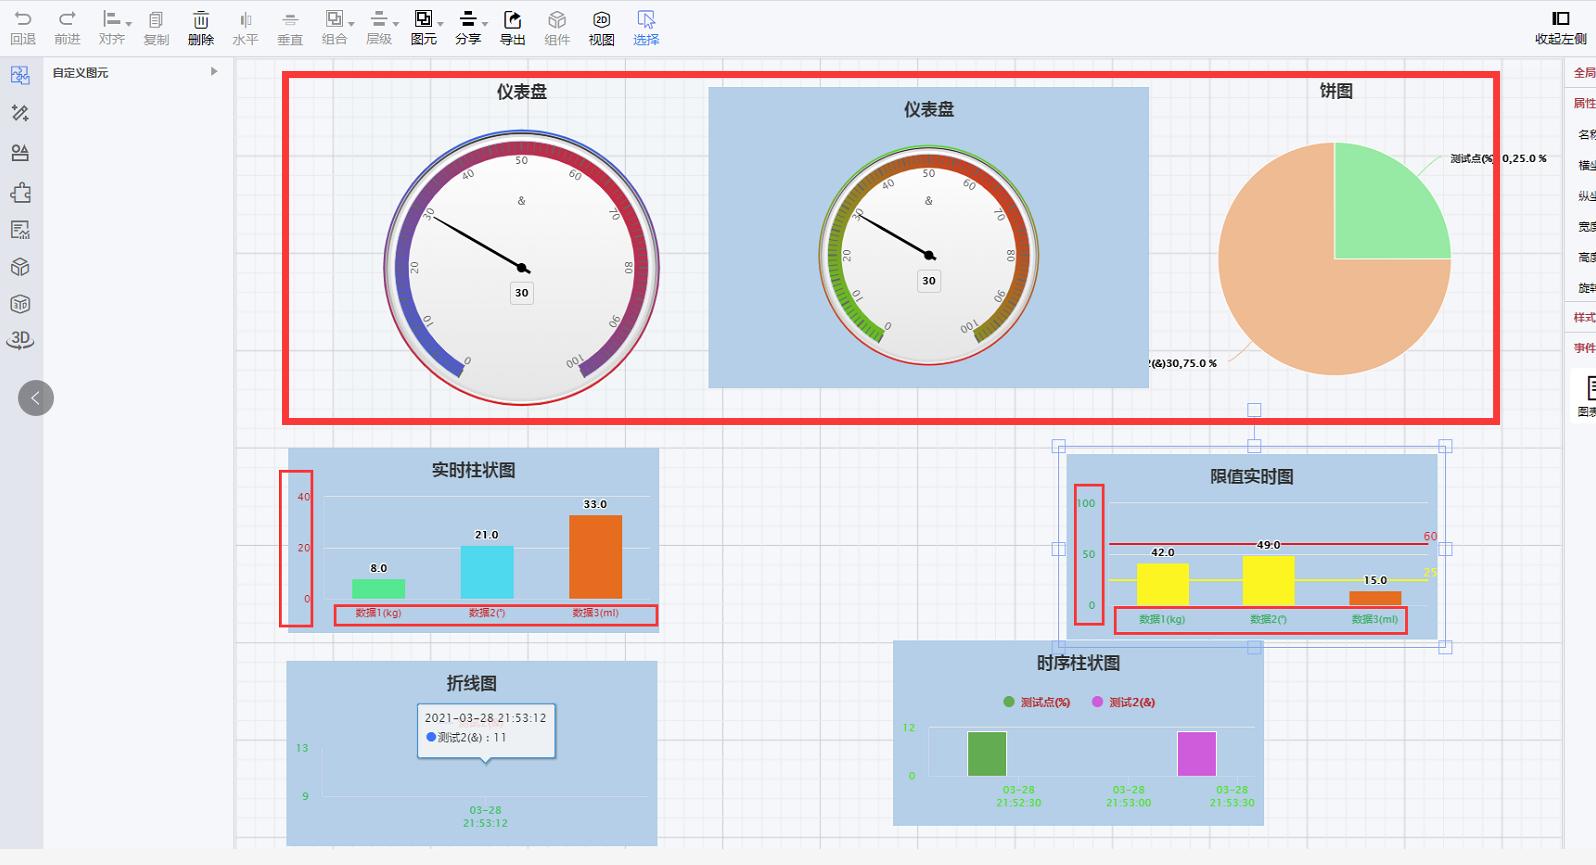 iNeuOS工業互聯平臺,釋出:訊息管理、子使用者許可權管理、元件移動事件、聯動控制和油表餅狀圖,v3.4版本